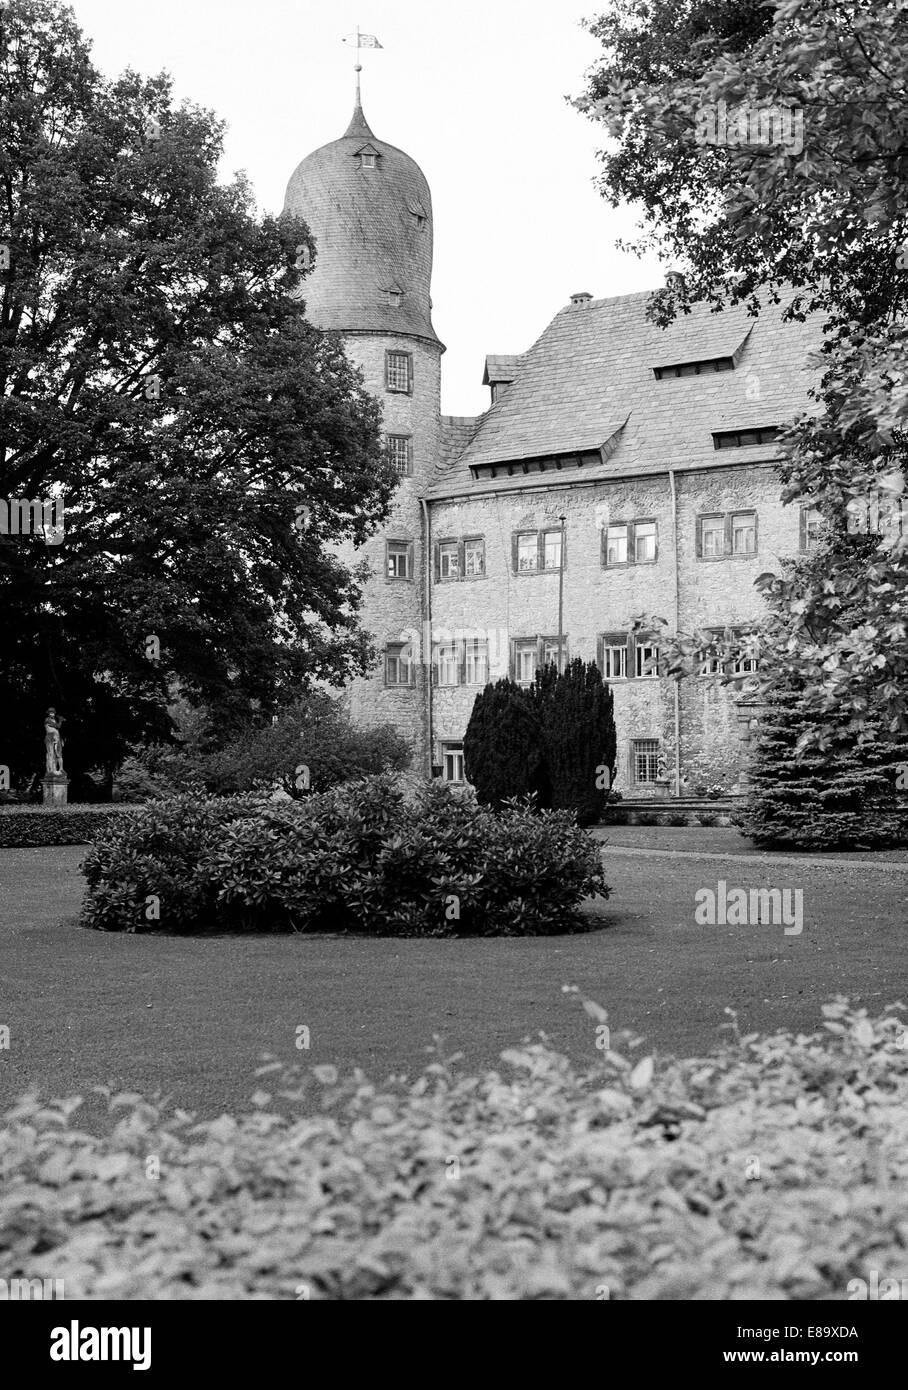 Achtziger Jahre, Wasserschloss in Hehlen, Samtgemeinde Bodenwerder-Polle, Weserbergland, Vogler, Niedersachsen - Stock Image